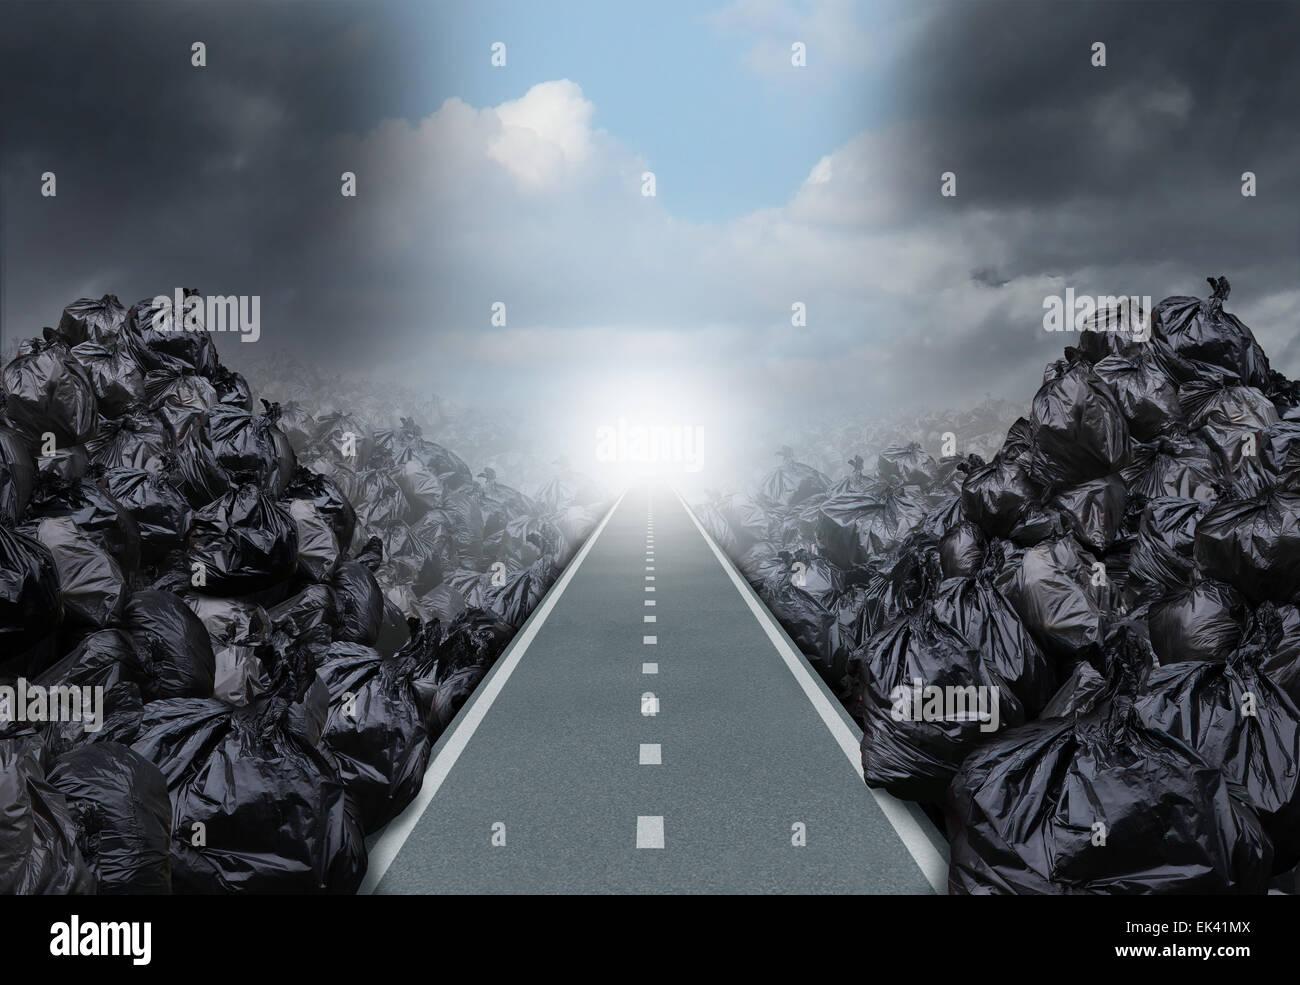 Soluzione di immondizia concetto ambientale come una strada diritta o percorso chiaro taglio attraverso uno sfondo Immagini Stock